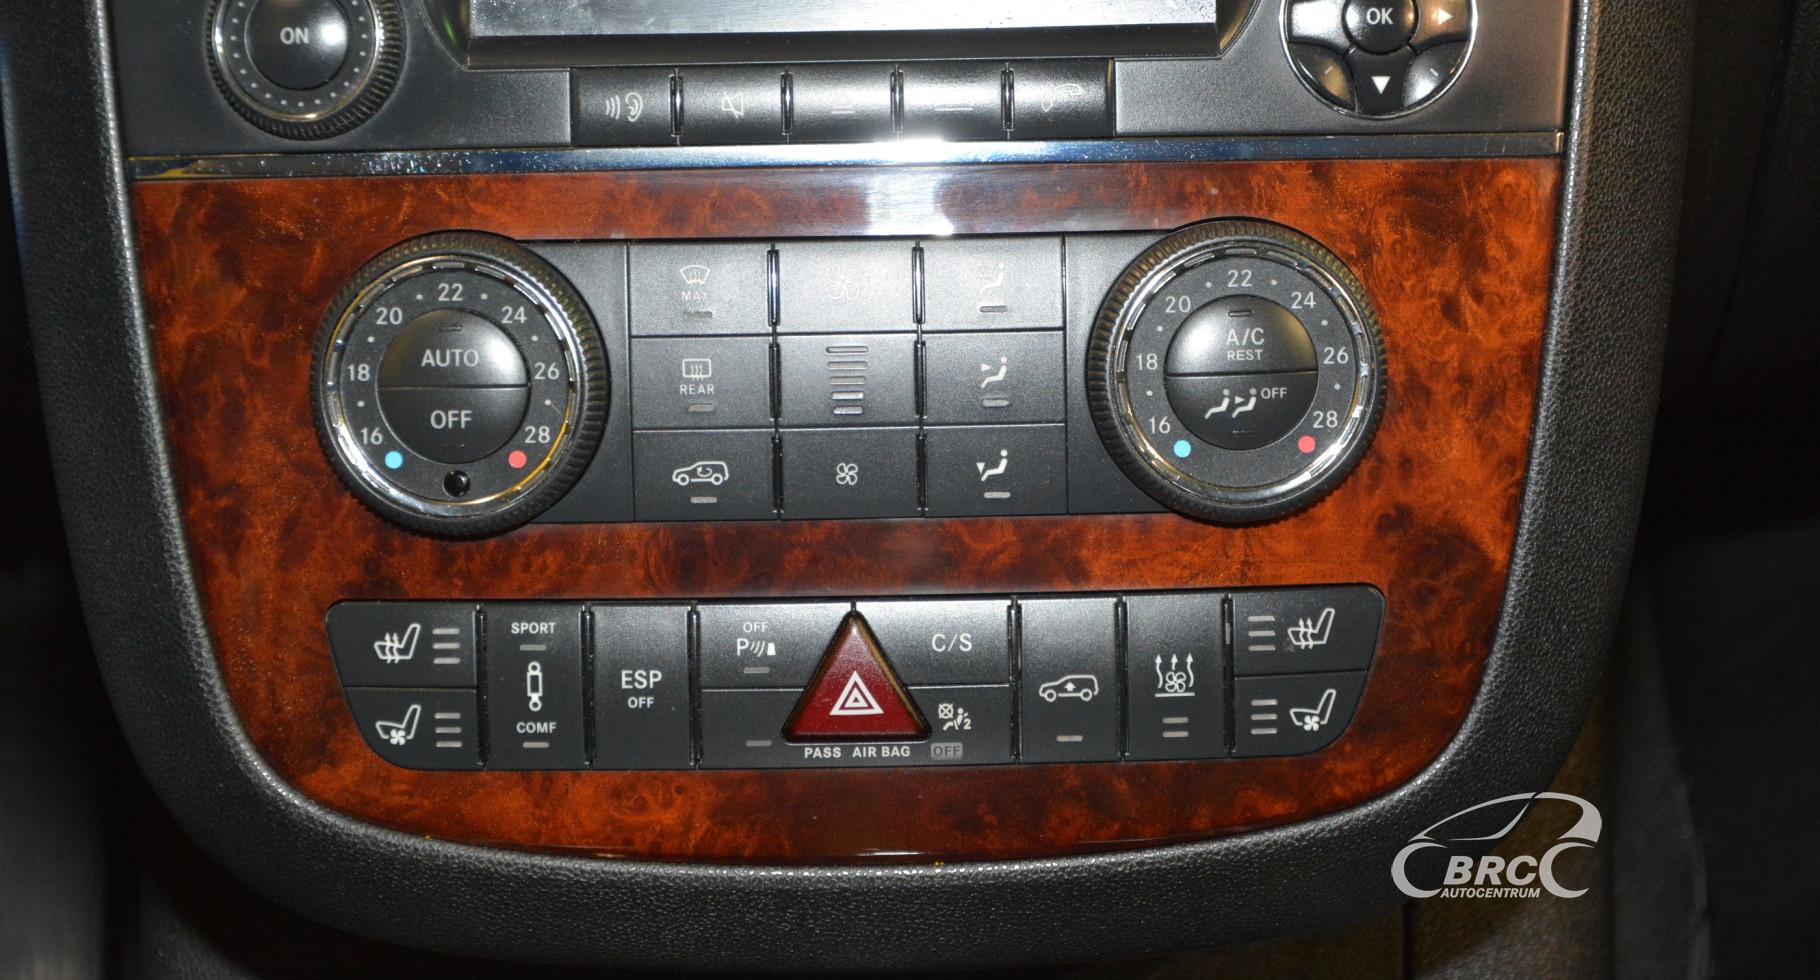 Mercedes-Benz R 320 CDI V6 4Matic Long Automatas